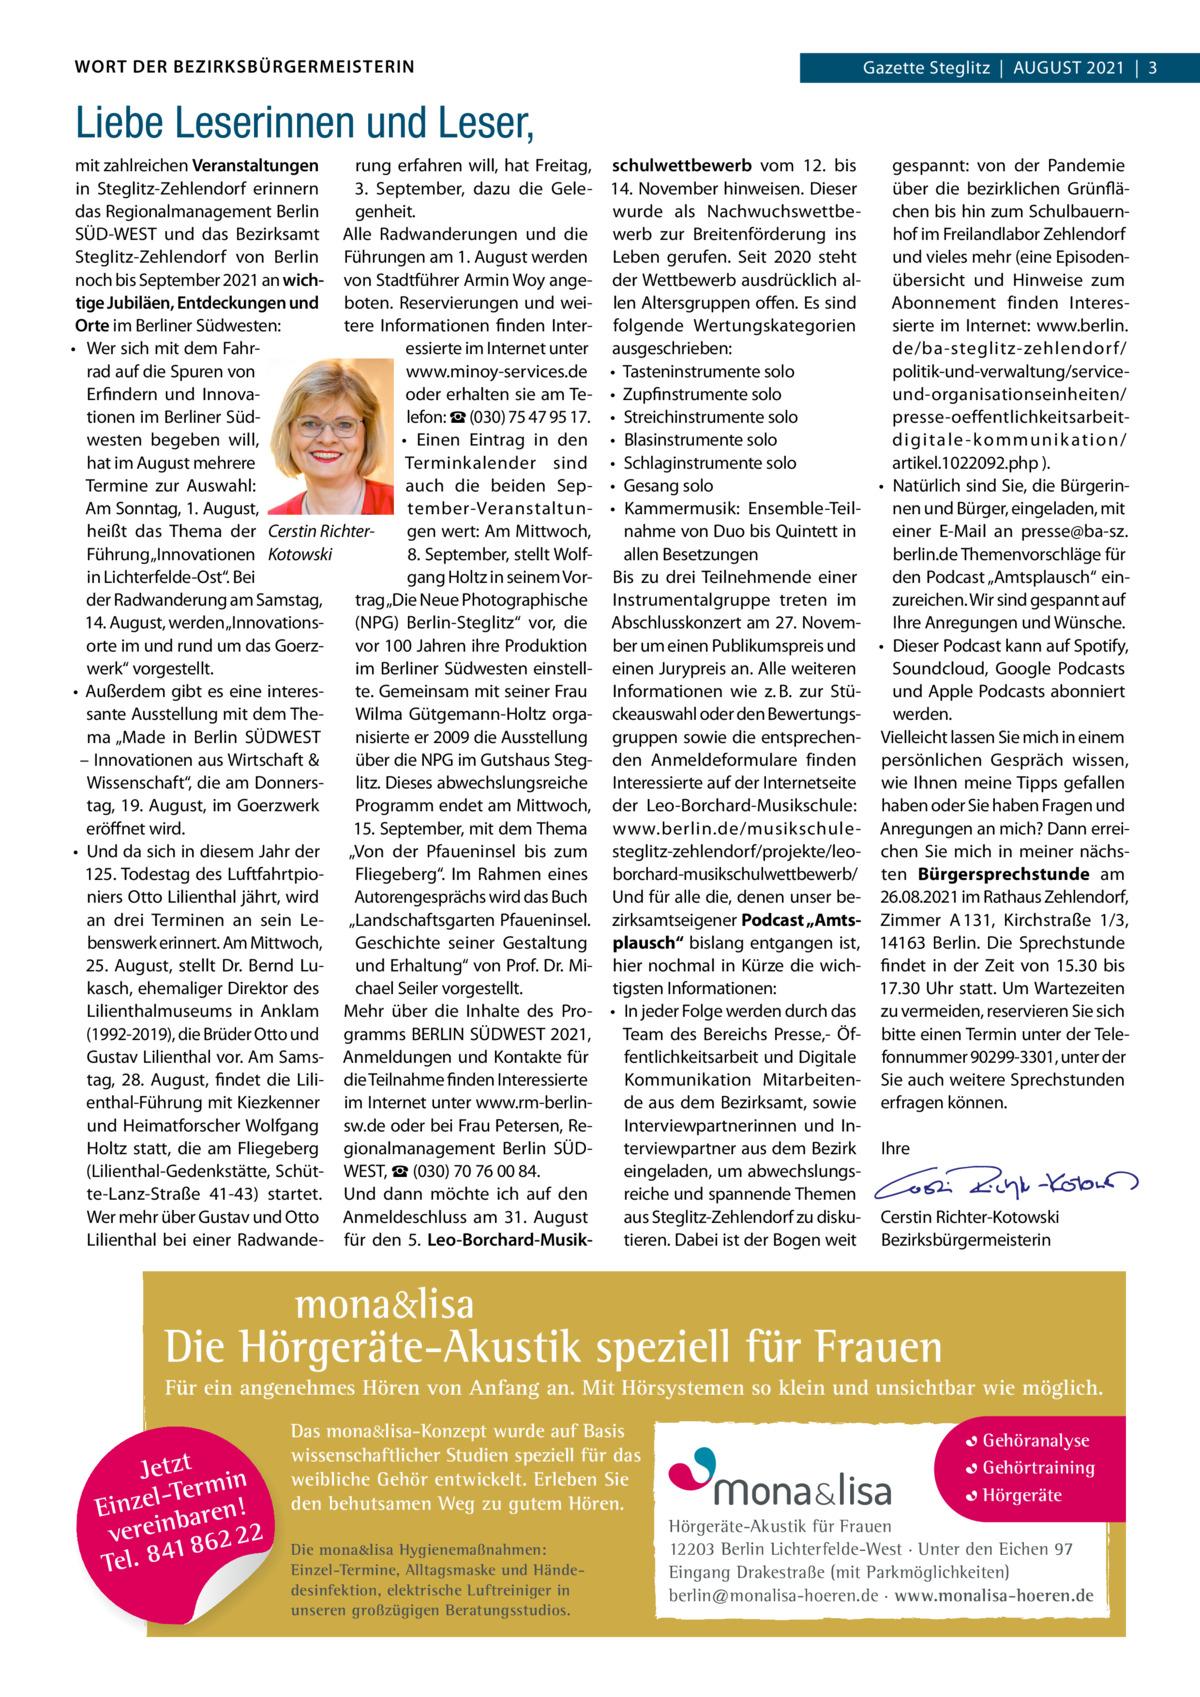 """WORT DER BEZIRKSBÜRGERMEISTERIN  Gazette Gazette Zehlendorf AuGuSt Steglitz August 2021 3 2021 1  Liebe Leserinnen und Leser, rung erfahren will, hat Freitag, mit zahlreichen Veranstaltungen 3. September, dazu die Gelein Steglitz-Zehlendorf erinnern das Regionalmanagement Berlin genheit. SÜD-WESt und das Bezirksamt Alle Radwanderungen und die Steglitz-Zehlendorf von Berlin Führungen am 1.August werden noch bis September 2021 an wich- von Stadtführer Armin Woy angetige Jubiläen, Entdeckungen und boten. Reservierungen und weiOrte im Berliner Südwesten: tere Informationen finden Interessierte im Internet unter • Wer sich mit dem Fahrrad auf die Spuren von www.minoy-services.de Erfindern und Innovaoder erhalten sie am tetionen im Berliner Südlefon: ☎(030) 75 47 95 17. westen begeben will, • Einen Eintrag in den hat im August mehrere terminkalender sind termine zur Auswahl: auch die beiden SepAm Sonntag, 1.August, tember-Veranstaltunheißt das thema der Cerstin Richtergen wert: Am Mittwoch, Führung """"Innovationen Kotowski 8.September, stellt Wolfin Lichterfelde-Ost"""". Bei gang Holtz in seinem Vorder Radwanderung am Samstag, trag """"Die Neue Photographische 14.August, werden """"Innovations(NPG) Berlin-Steglitz"""" vor, die vor 100Jahren ihre Produktion orte im und rund um das Goerzim Berliner Südwesten einstellwerk"""" vorgestellt. te. Gemeinsam mit seiner Frau • Außerdem gibt es eine interessante Ausstellung mit dem theWilma Gütgemann-Holtz orgama """"Made in Berlin SÜDWESt nisierte er 2009 die Ausstellung – Innovationen aus Wirtschaft & über die NPG im Gutshaus StegWissenschaft"""", die am Donnerslitz. Dieses abwechslungsreiche tag, 19.August, im Goerzwerk Programm endet am Mittwoch, eröffnet wird. 15.September, mit dem thema """"Von der Pfaueninsel bis zum • und da sich in diesem Jahr der 125.todestag des LuftfahrtpioFliegeberg"""". Im Rahmen eines Autorengesprächs wird das Buch niers Otto Lilienthal jährt, wird an drei terminen an sein Le- """"Landschaftsgarten Pfaueninsel. benswerk erinnert. Am"""